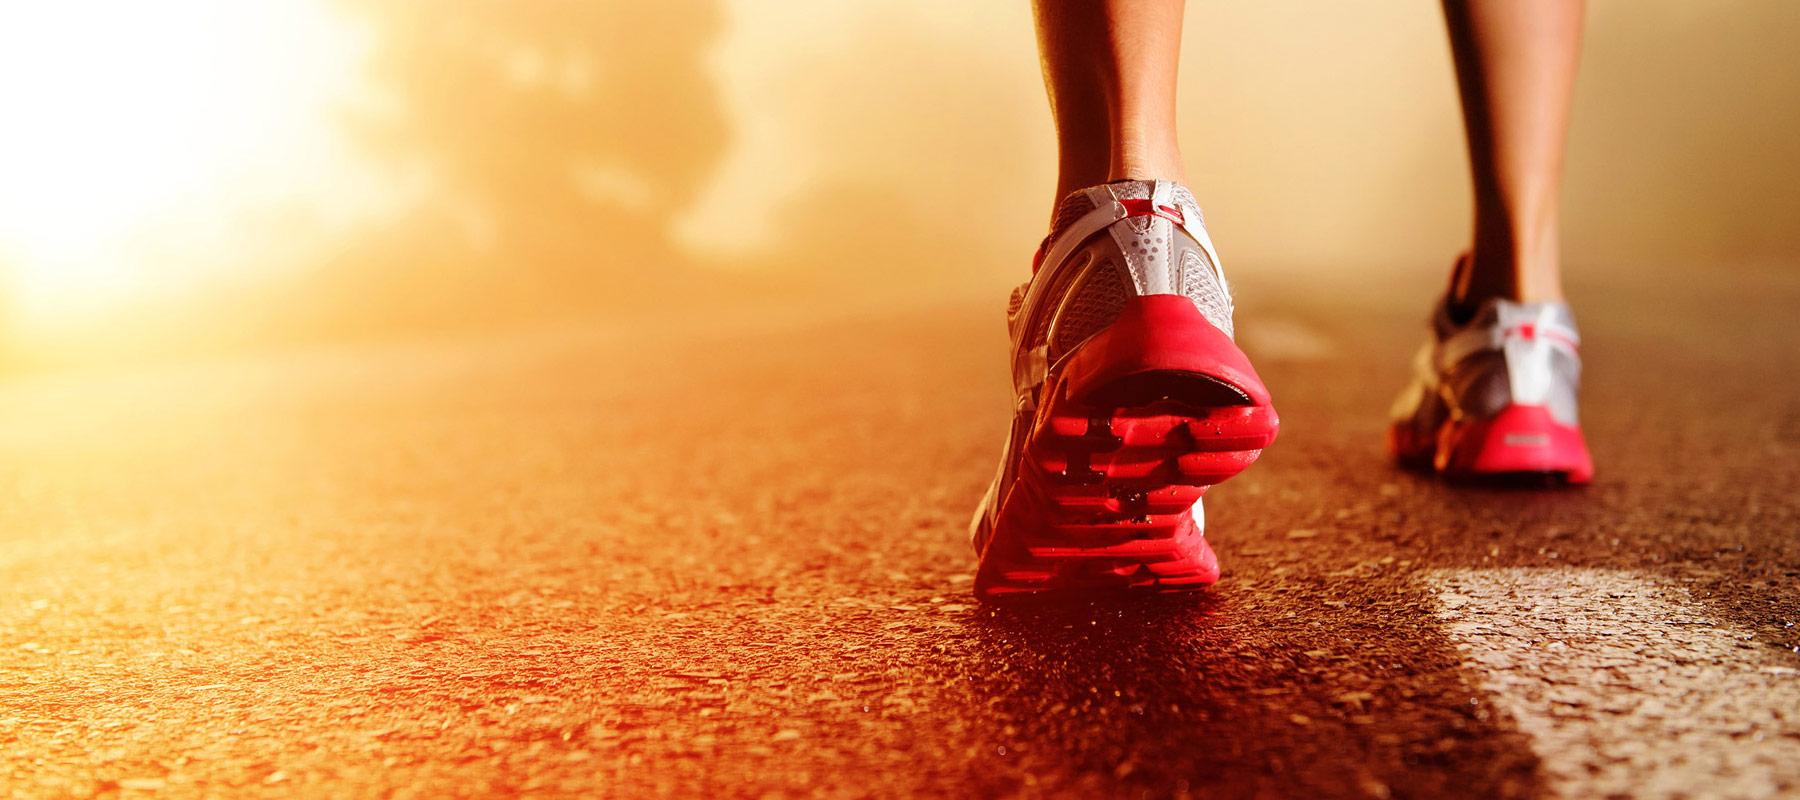 Petits conseils : à chaque chaussure, son sport.